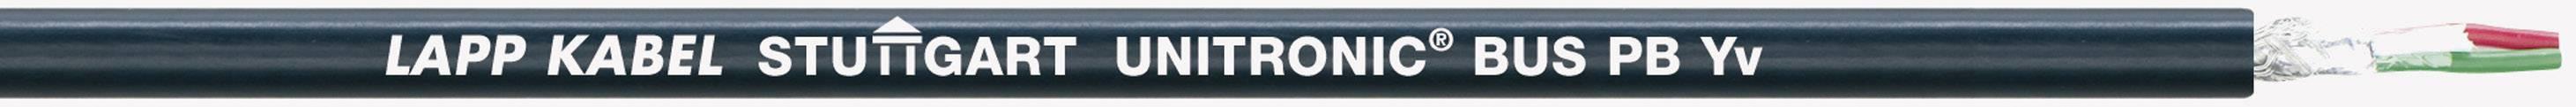 Sběrnicový kabel LappKabel UNITRONIC® BUS 2170223, vnější Ø 9.40 mm, černá, metrové zboží